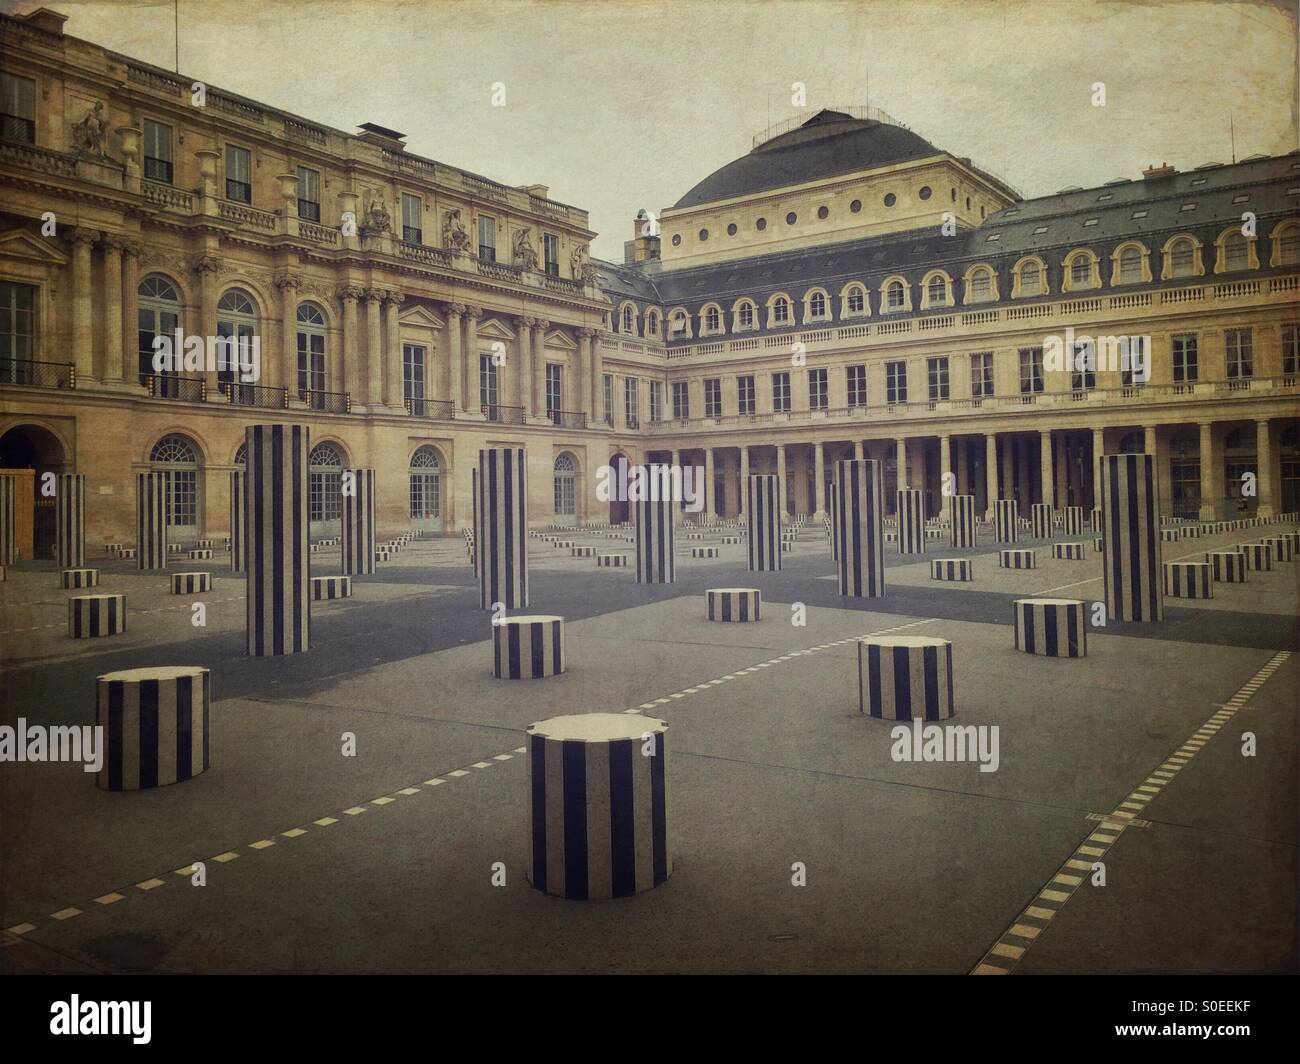 View of main courtyard at Place du Palais-Royal in Paris, France. Les Deux Plateaux installation by Daniel BurenStock Photo